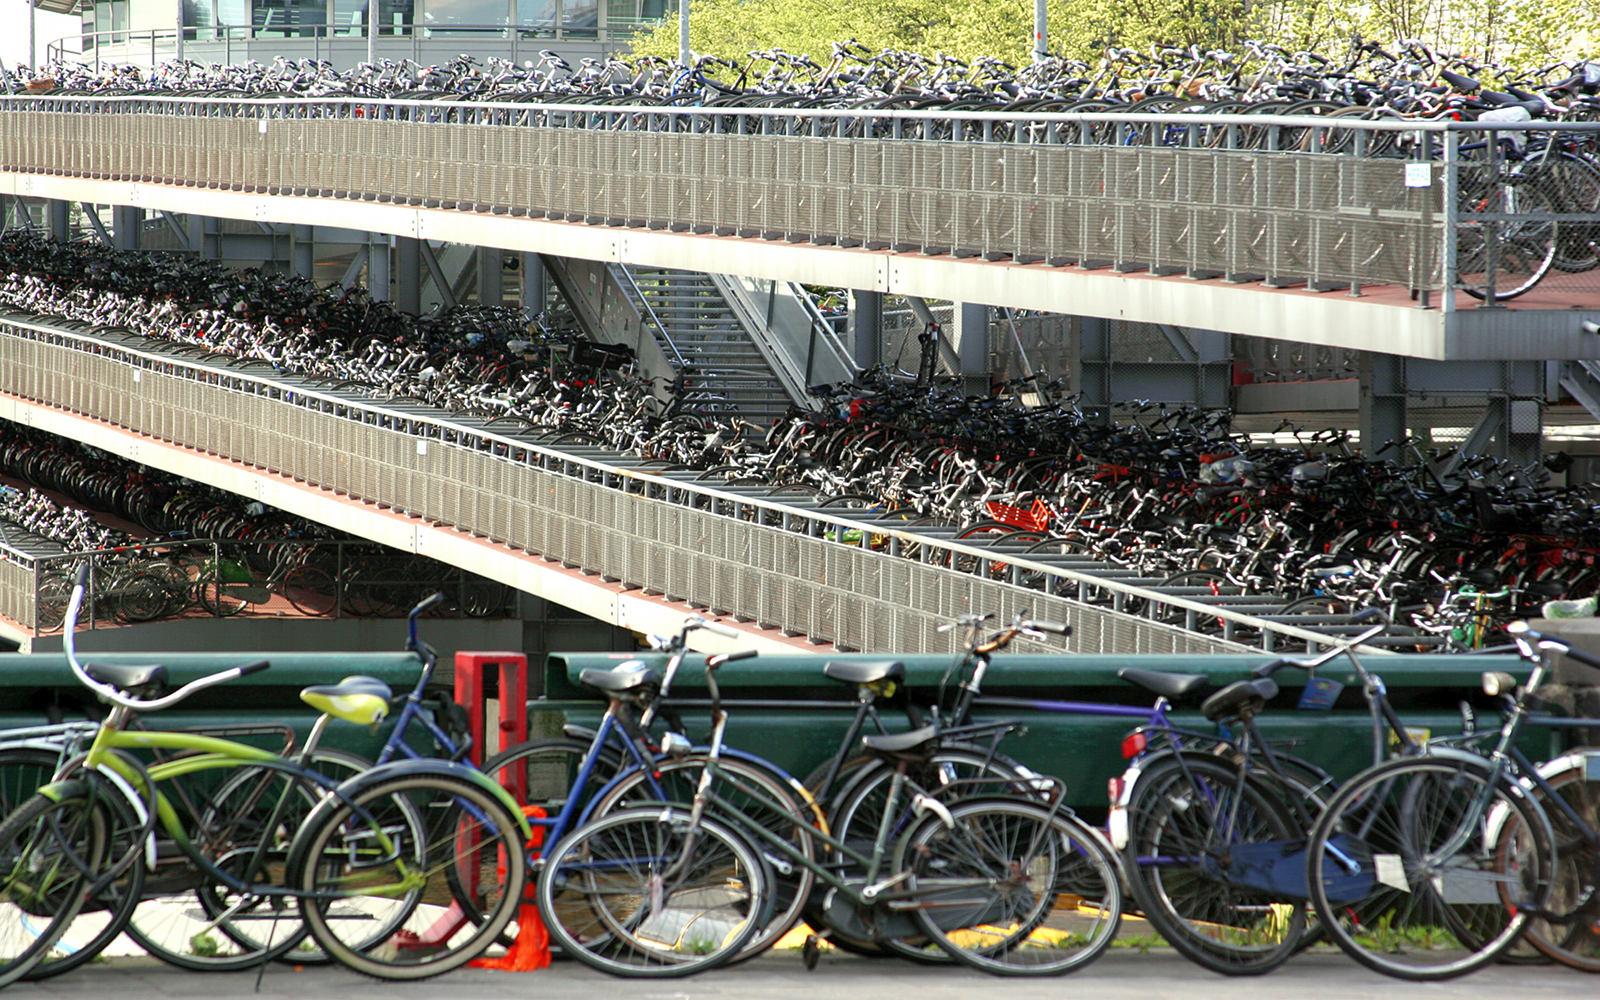 КарÑ'инки по запросу АмсÑ'ердам: велосипеды, каналÑ‹, Ñ'юльпаны и свобода